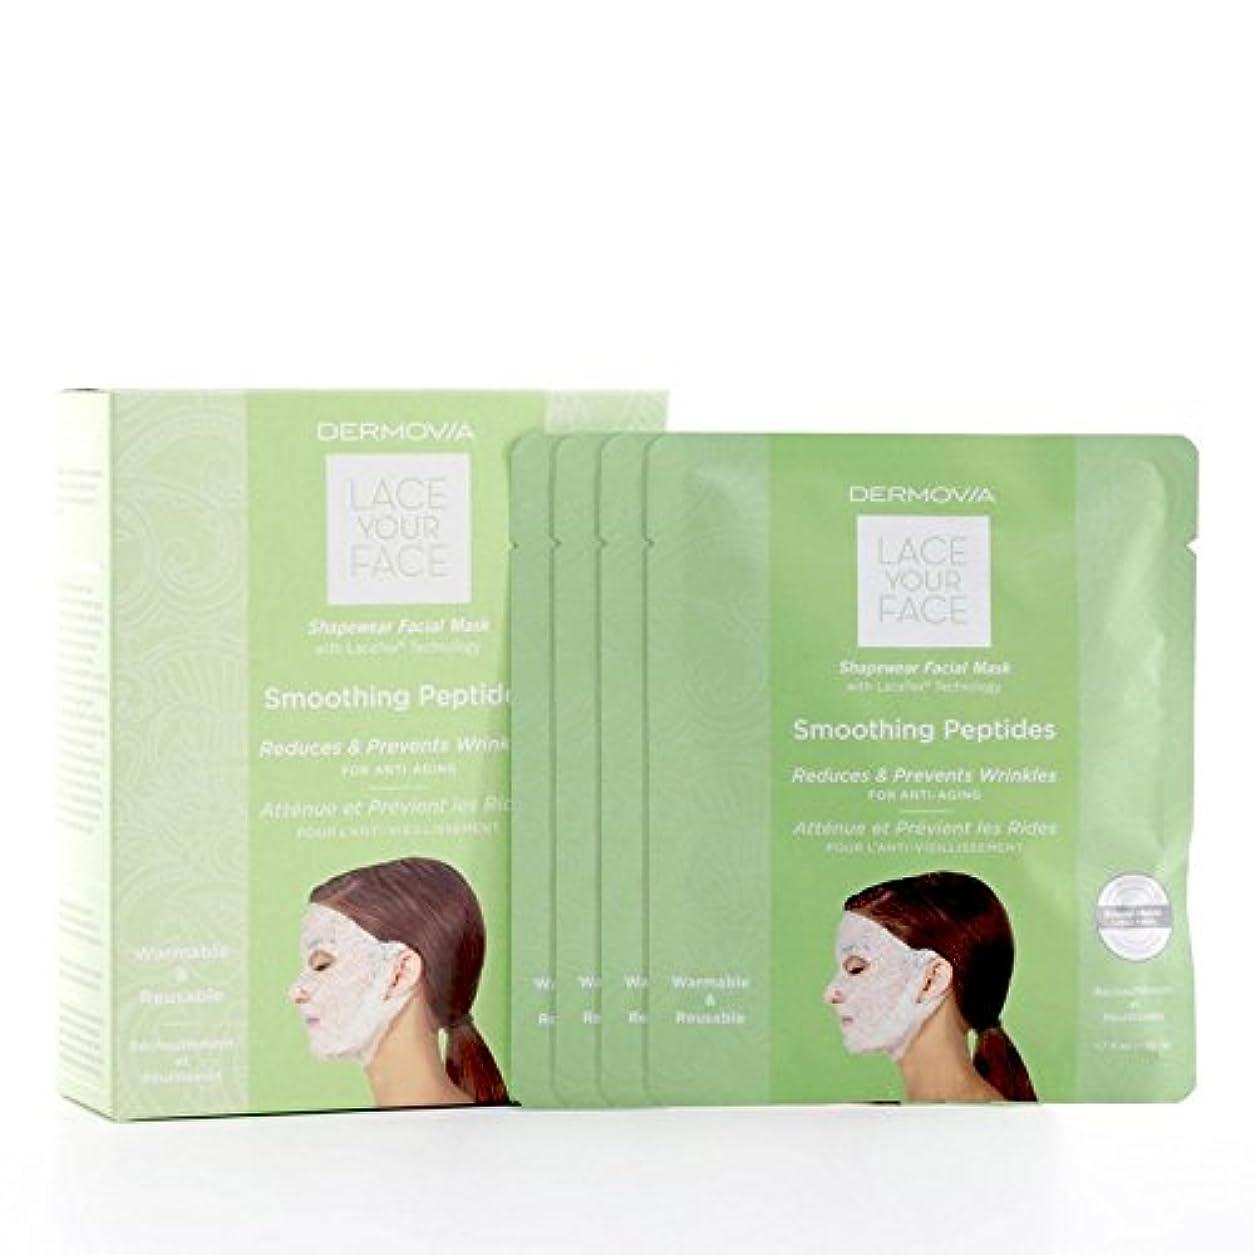 肉腫かび臭い使用法Dermovia Lace Your Face Compression Facial Mask Smoothing Peptides (Pack of 6) - は、あなたの顔の圧縮フェイシャルマスク平滑化ペプチドをひもで締めます x6 [並行輸入品]